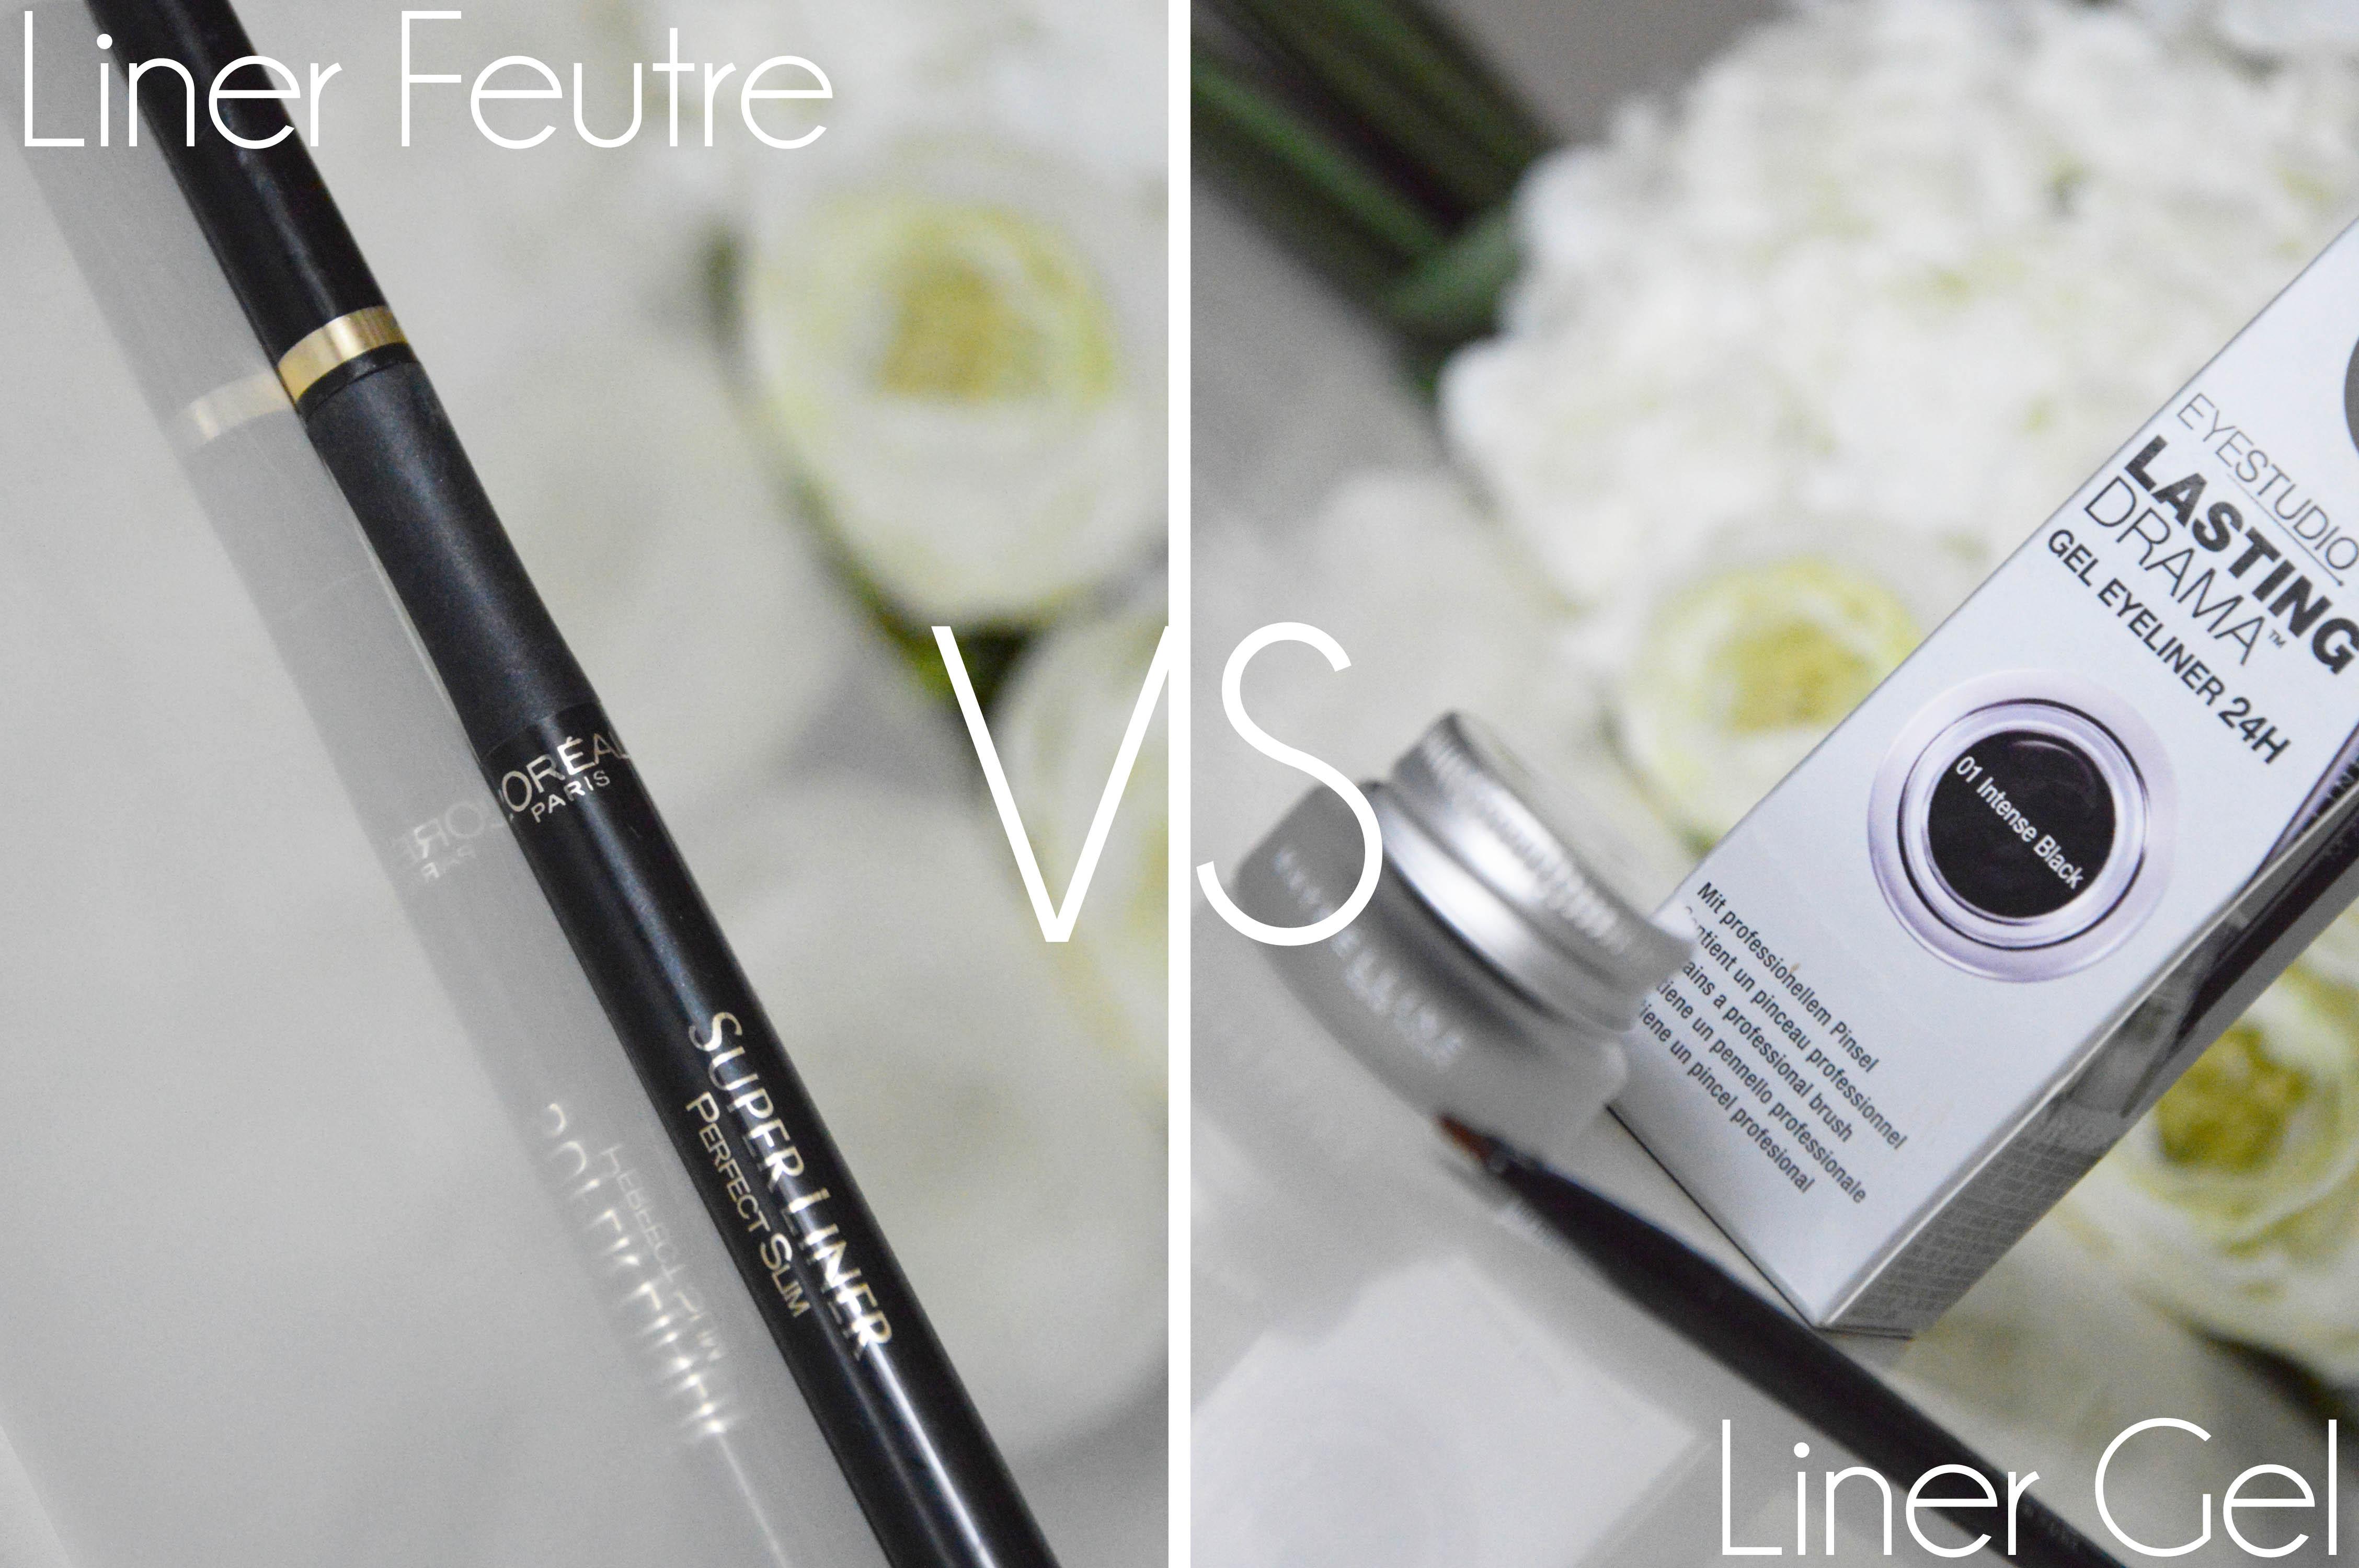 a little b blog beaut maman lyon gel liner vs eyeliner feutre who s the best. Black Bedroom Furniture Sets. Home Design Ideas